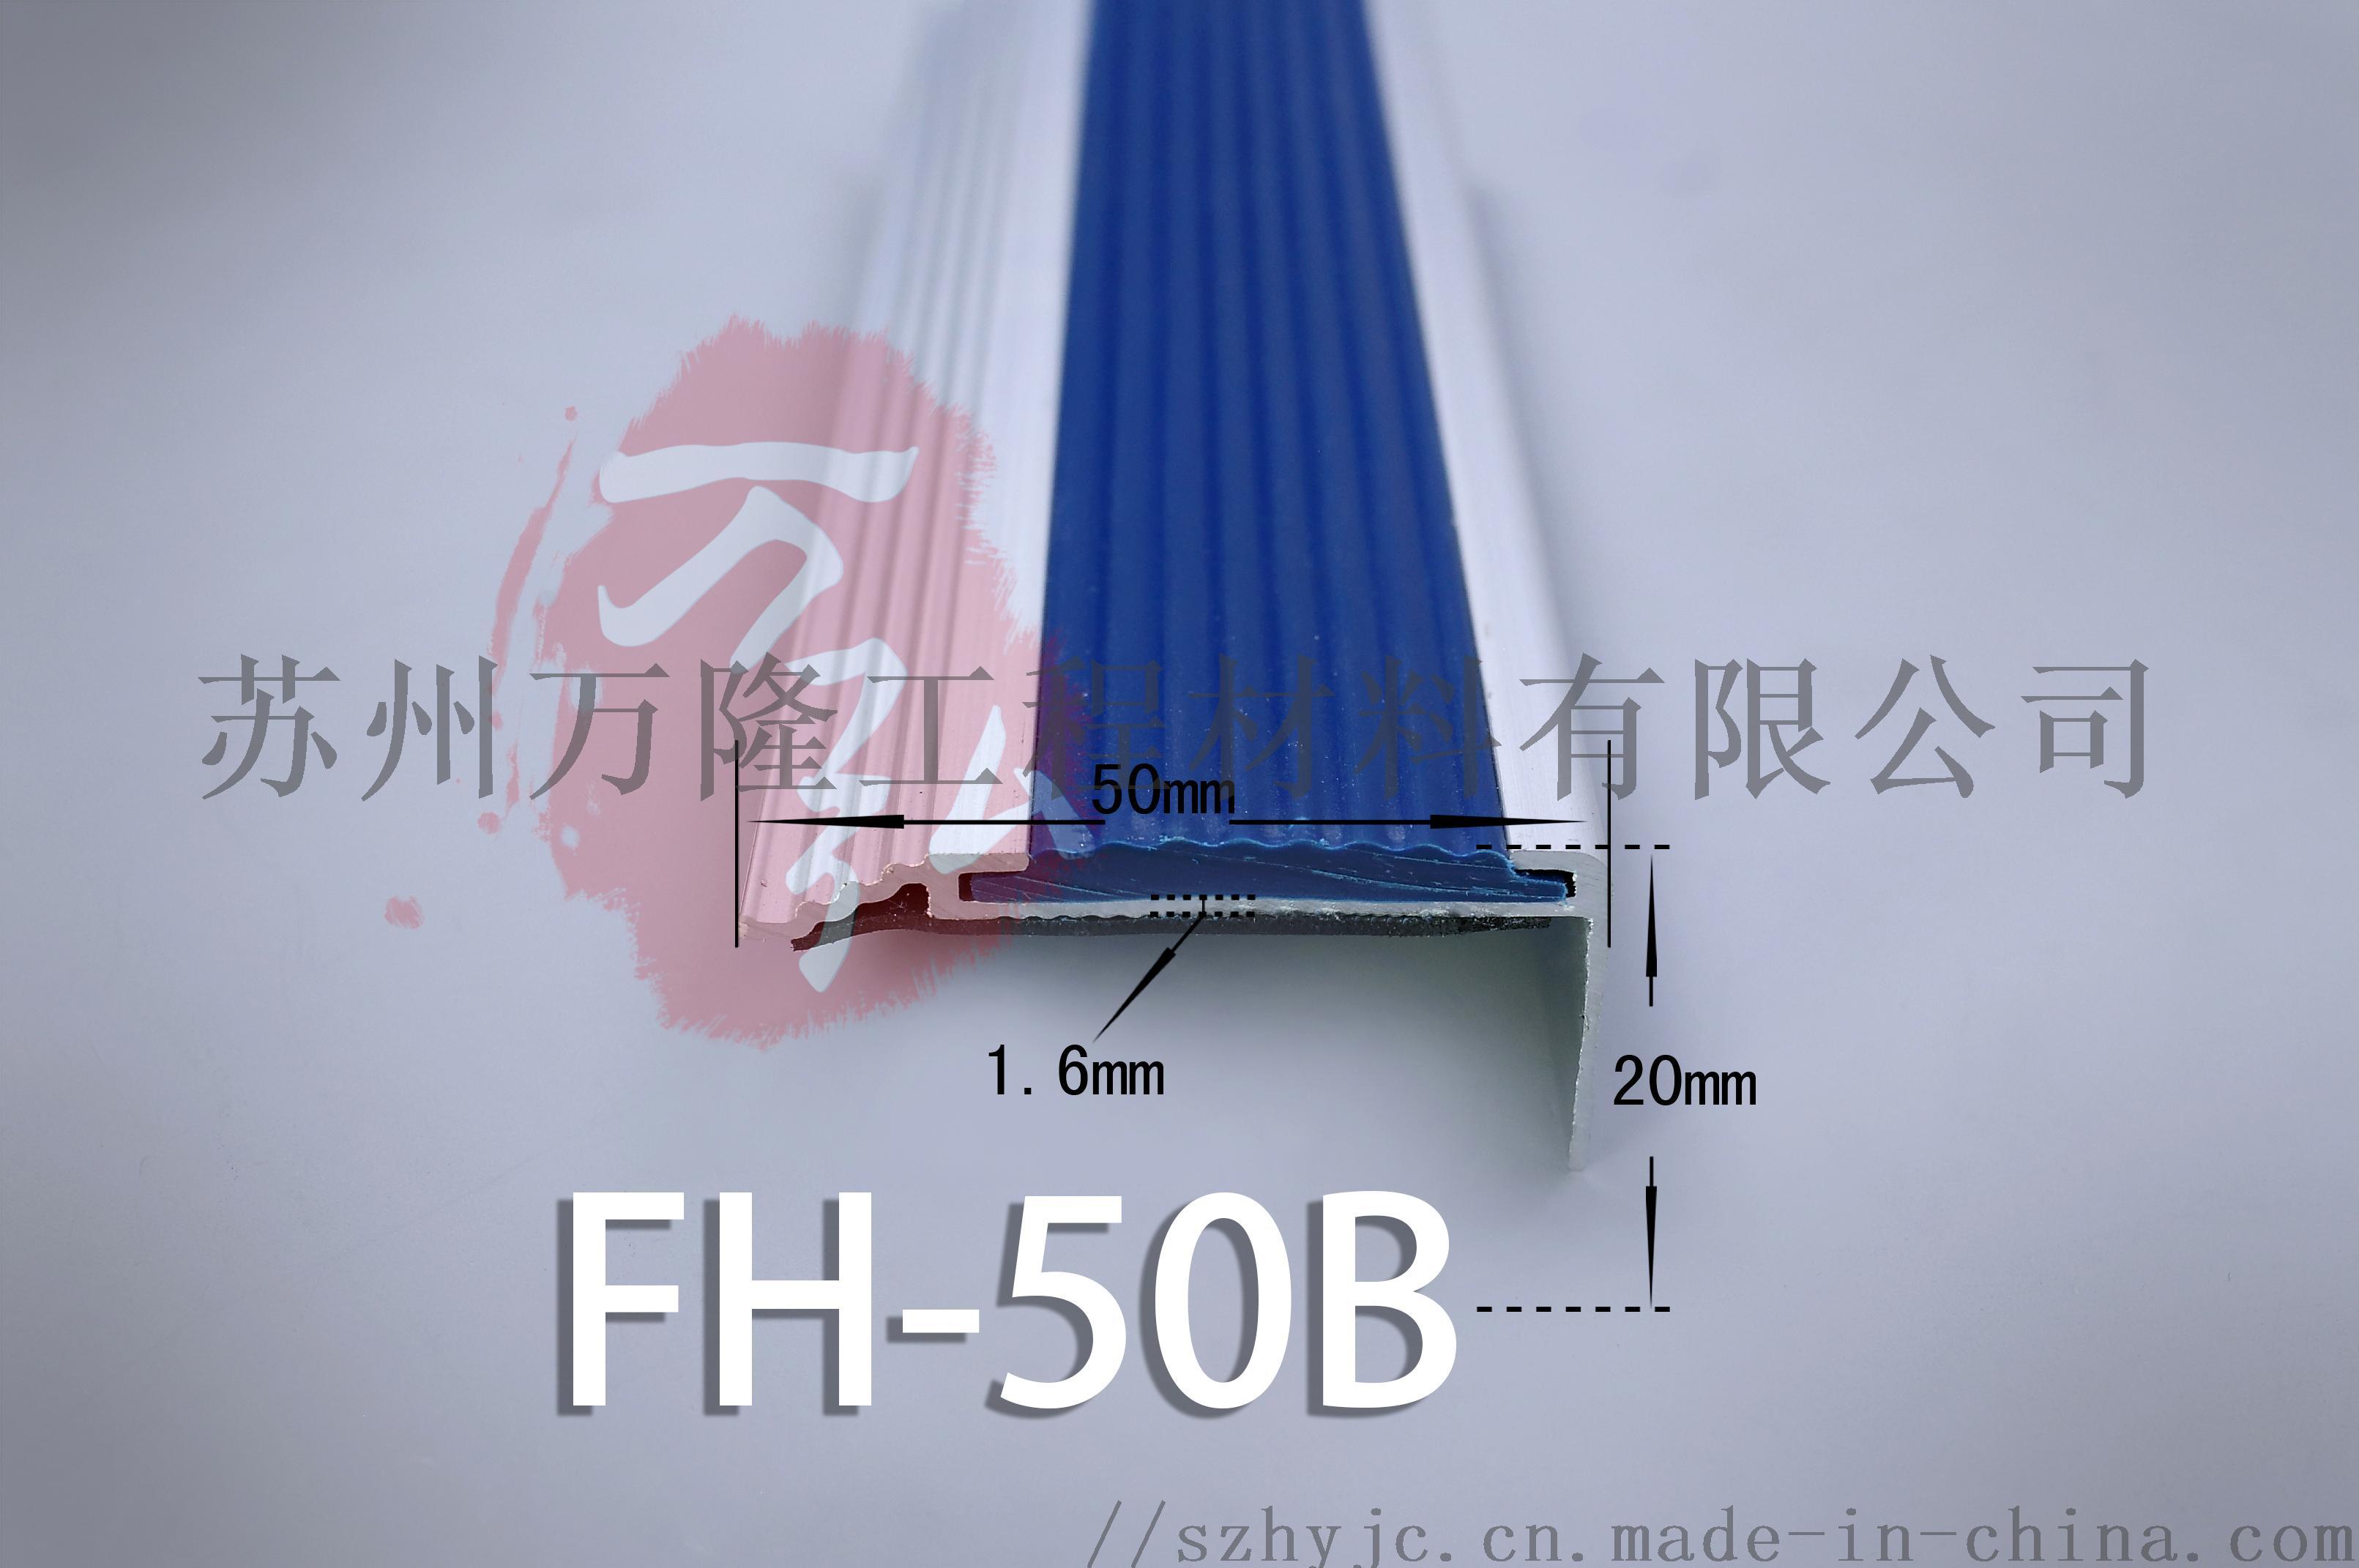 楼梯防滑条种类,铝合金楼梯,踏步防滑条安装方法896369675